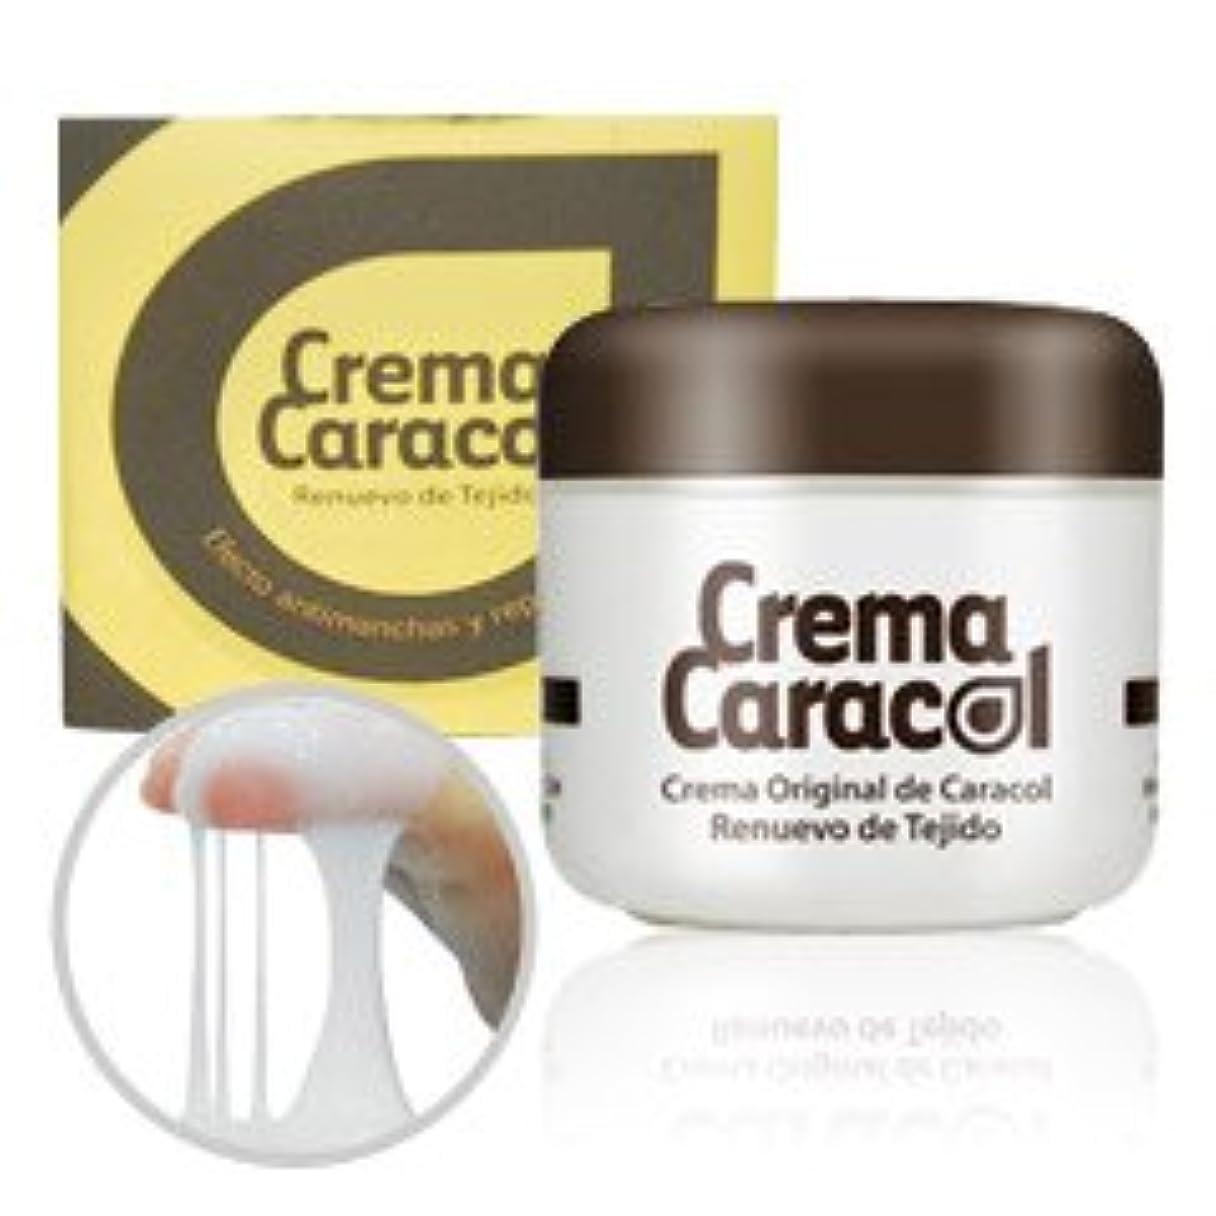 診療所定常北東crema caracol(カラコール) かたつむりクリーム 3個セット